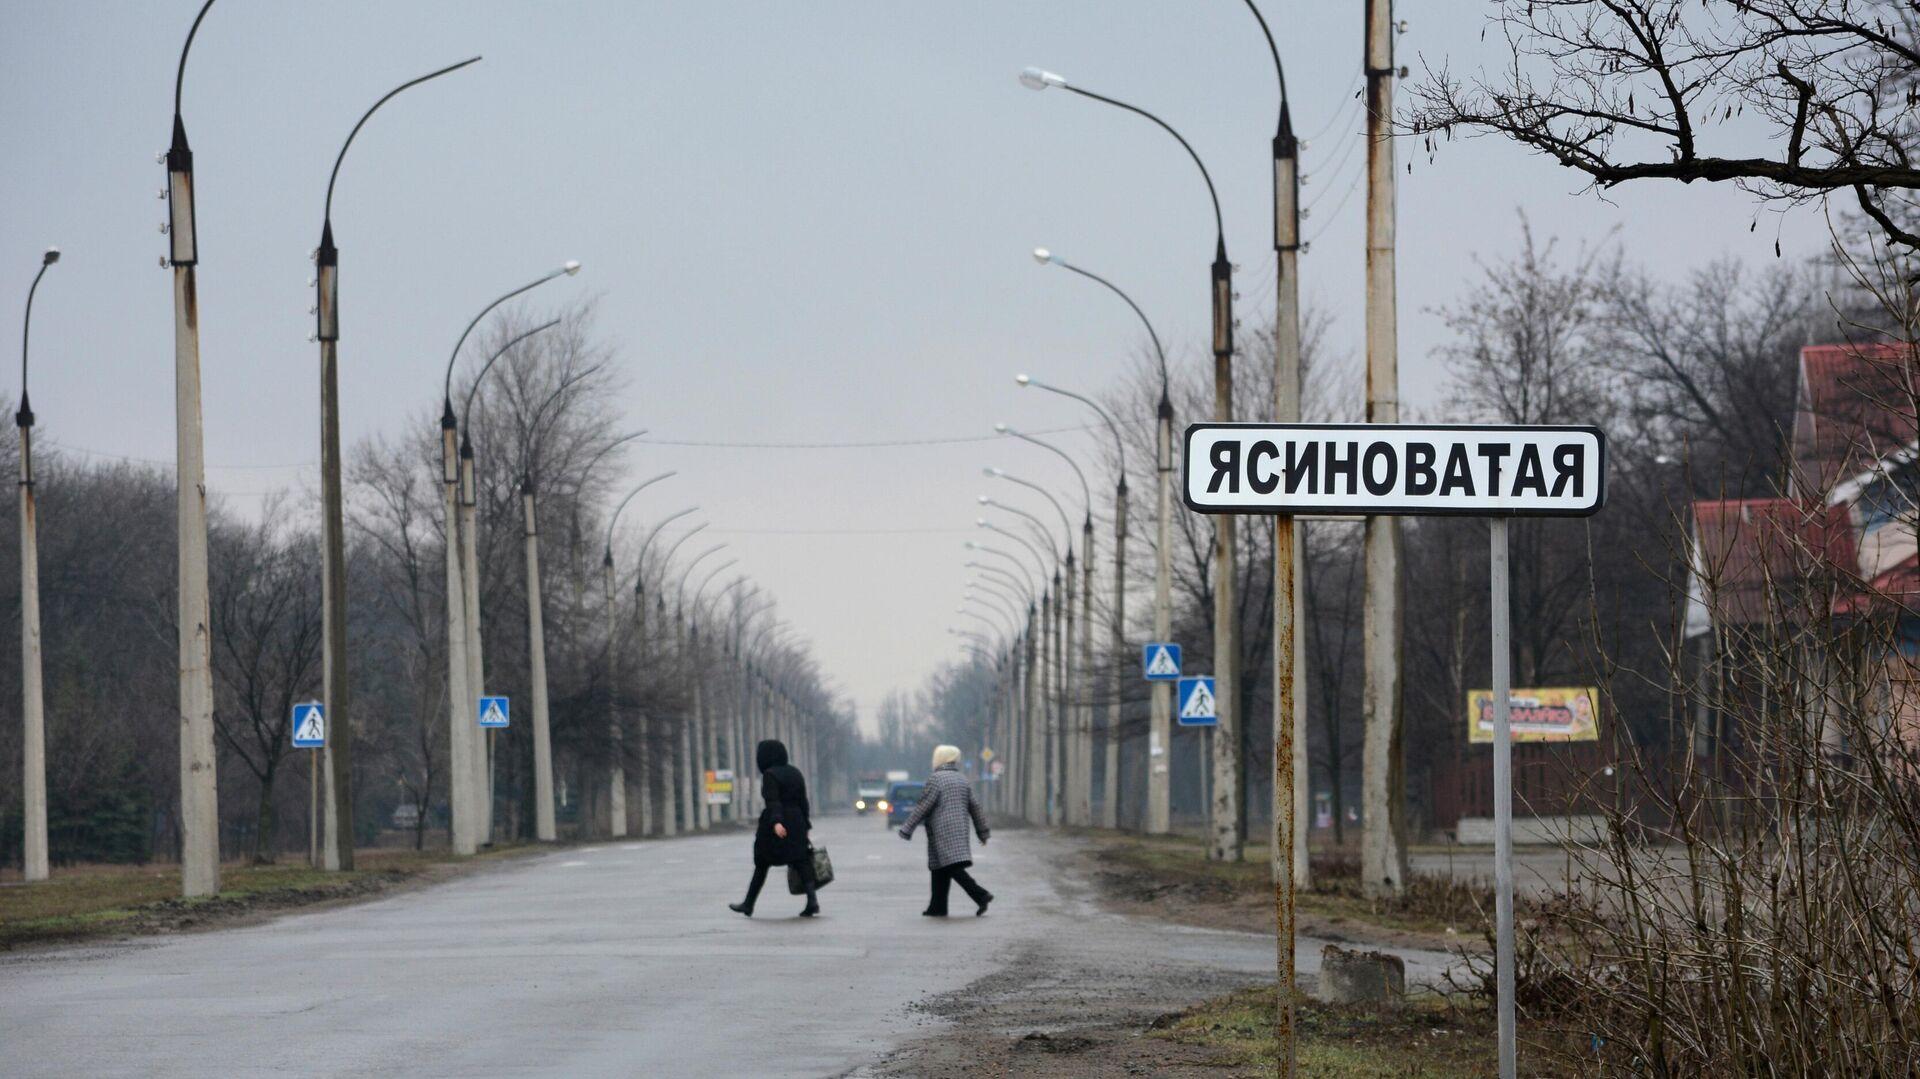 Указатель на въезде в город Ясиноватая в Донецкой области - РИА Новости, 1920, 13.04.2021